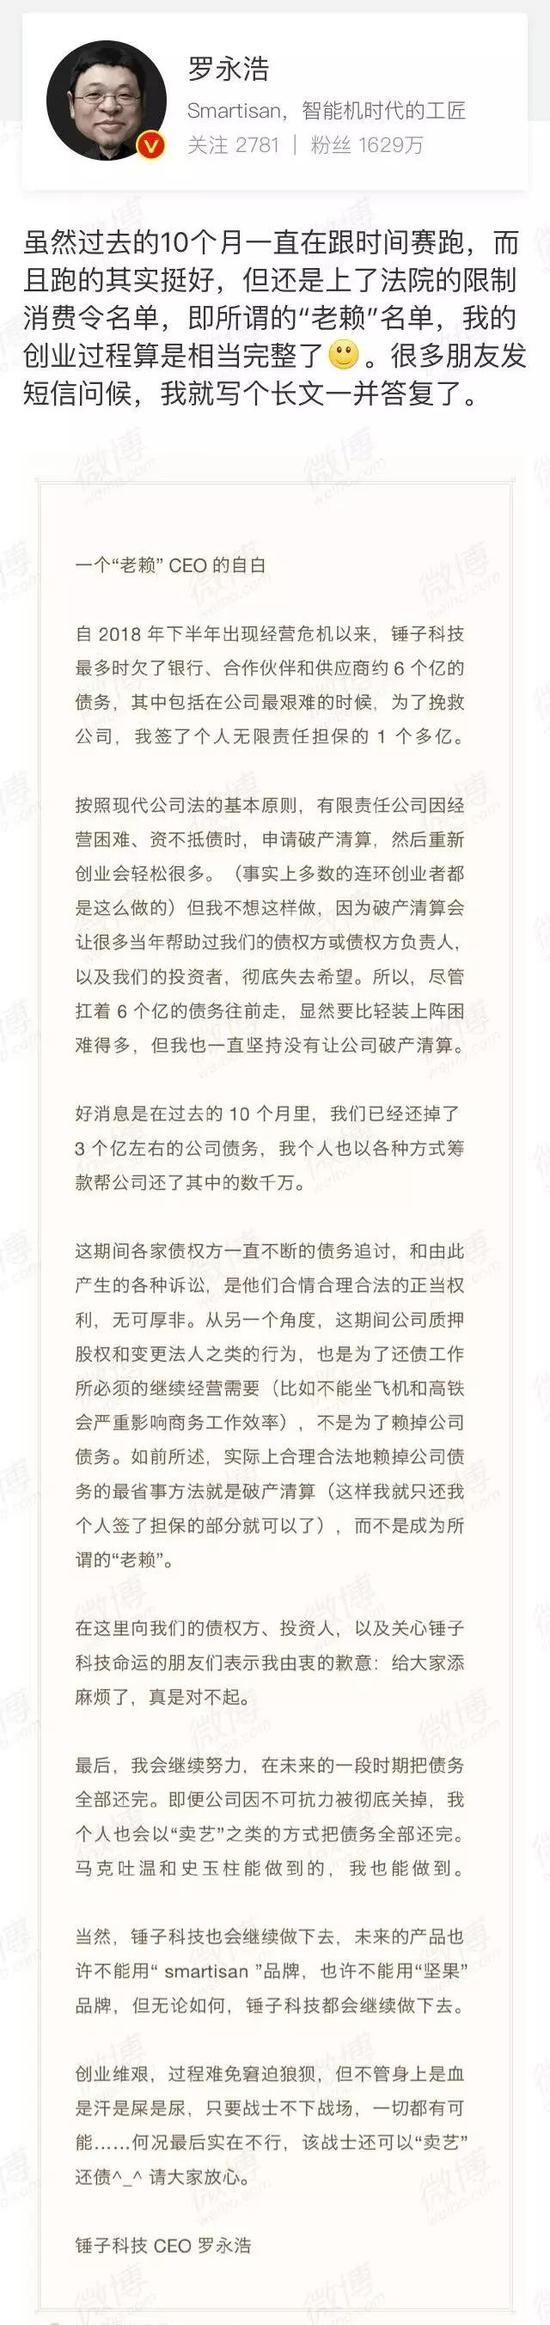 红利娱乐场平台_等级医院去年中药注射剂份额下滑 咳嗽感冒药跌近10%